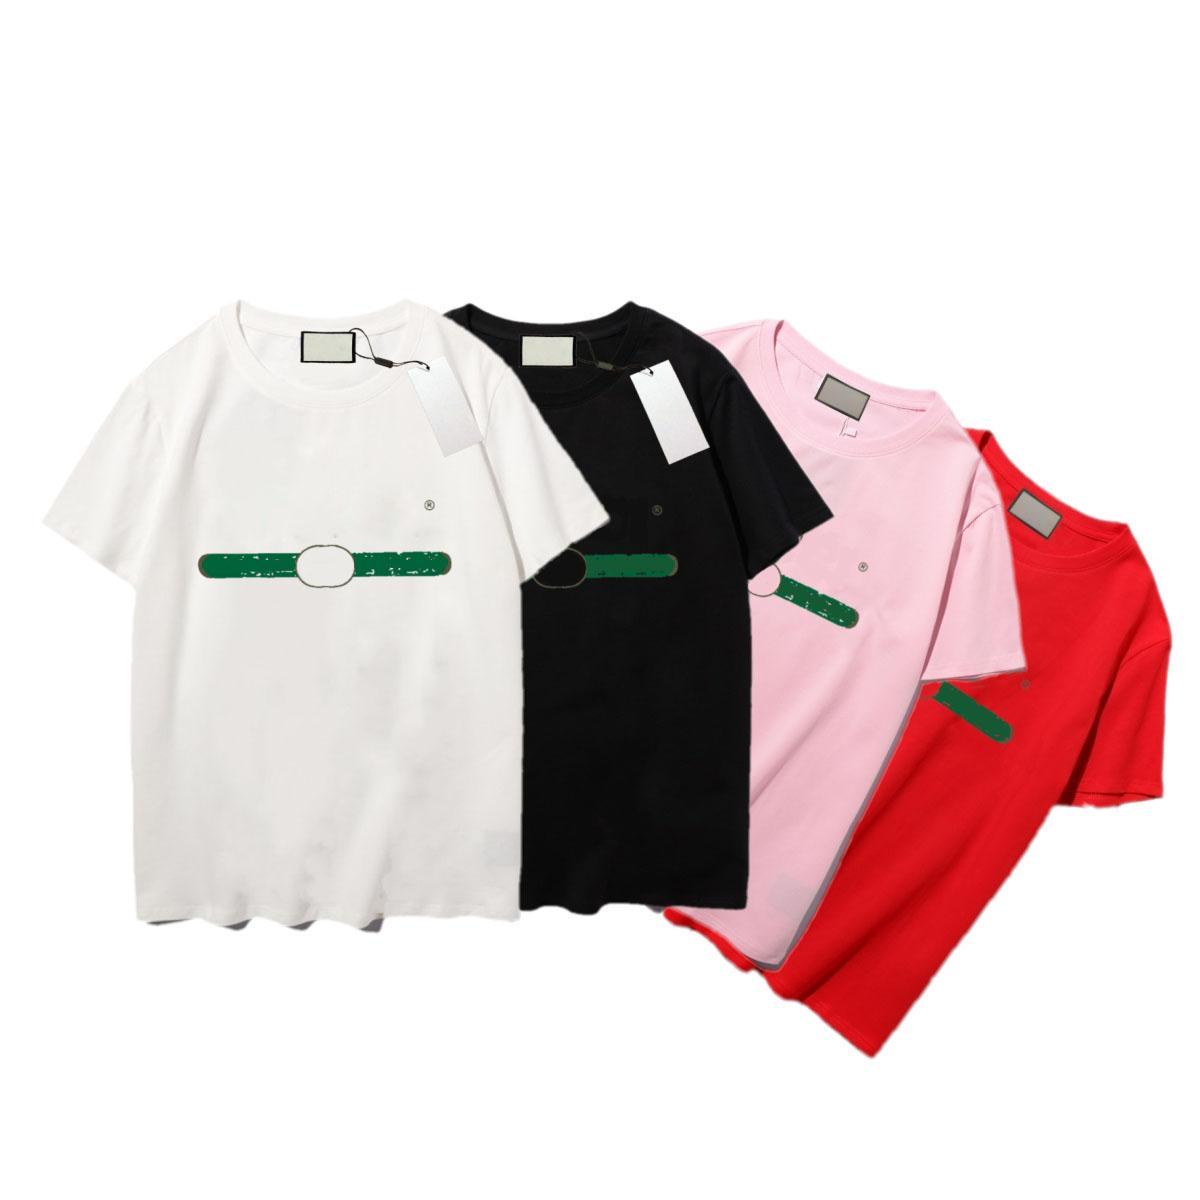 21 ss herren frauen designer tshirt mode männer s cwoy t shirts mann kleidung street designer shorts sleeve 2021 kleidung tshirts